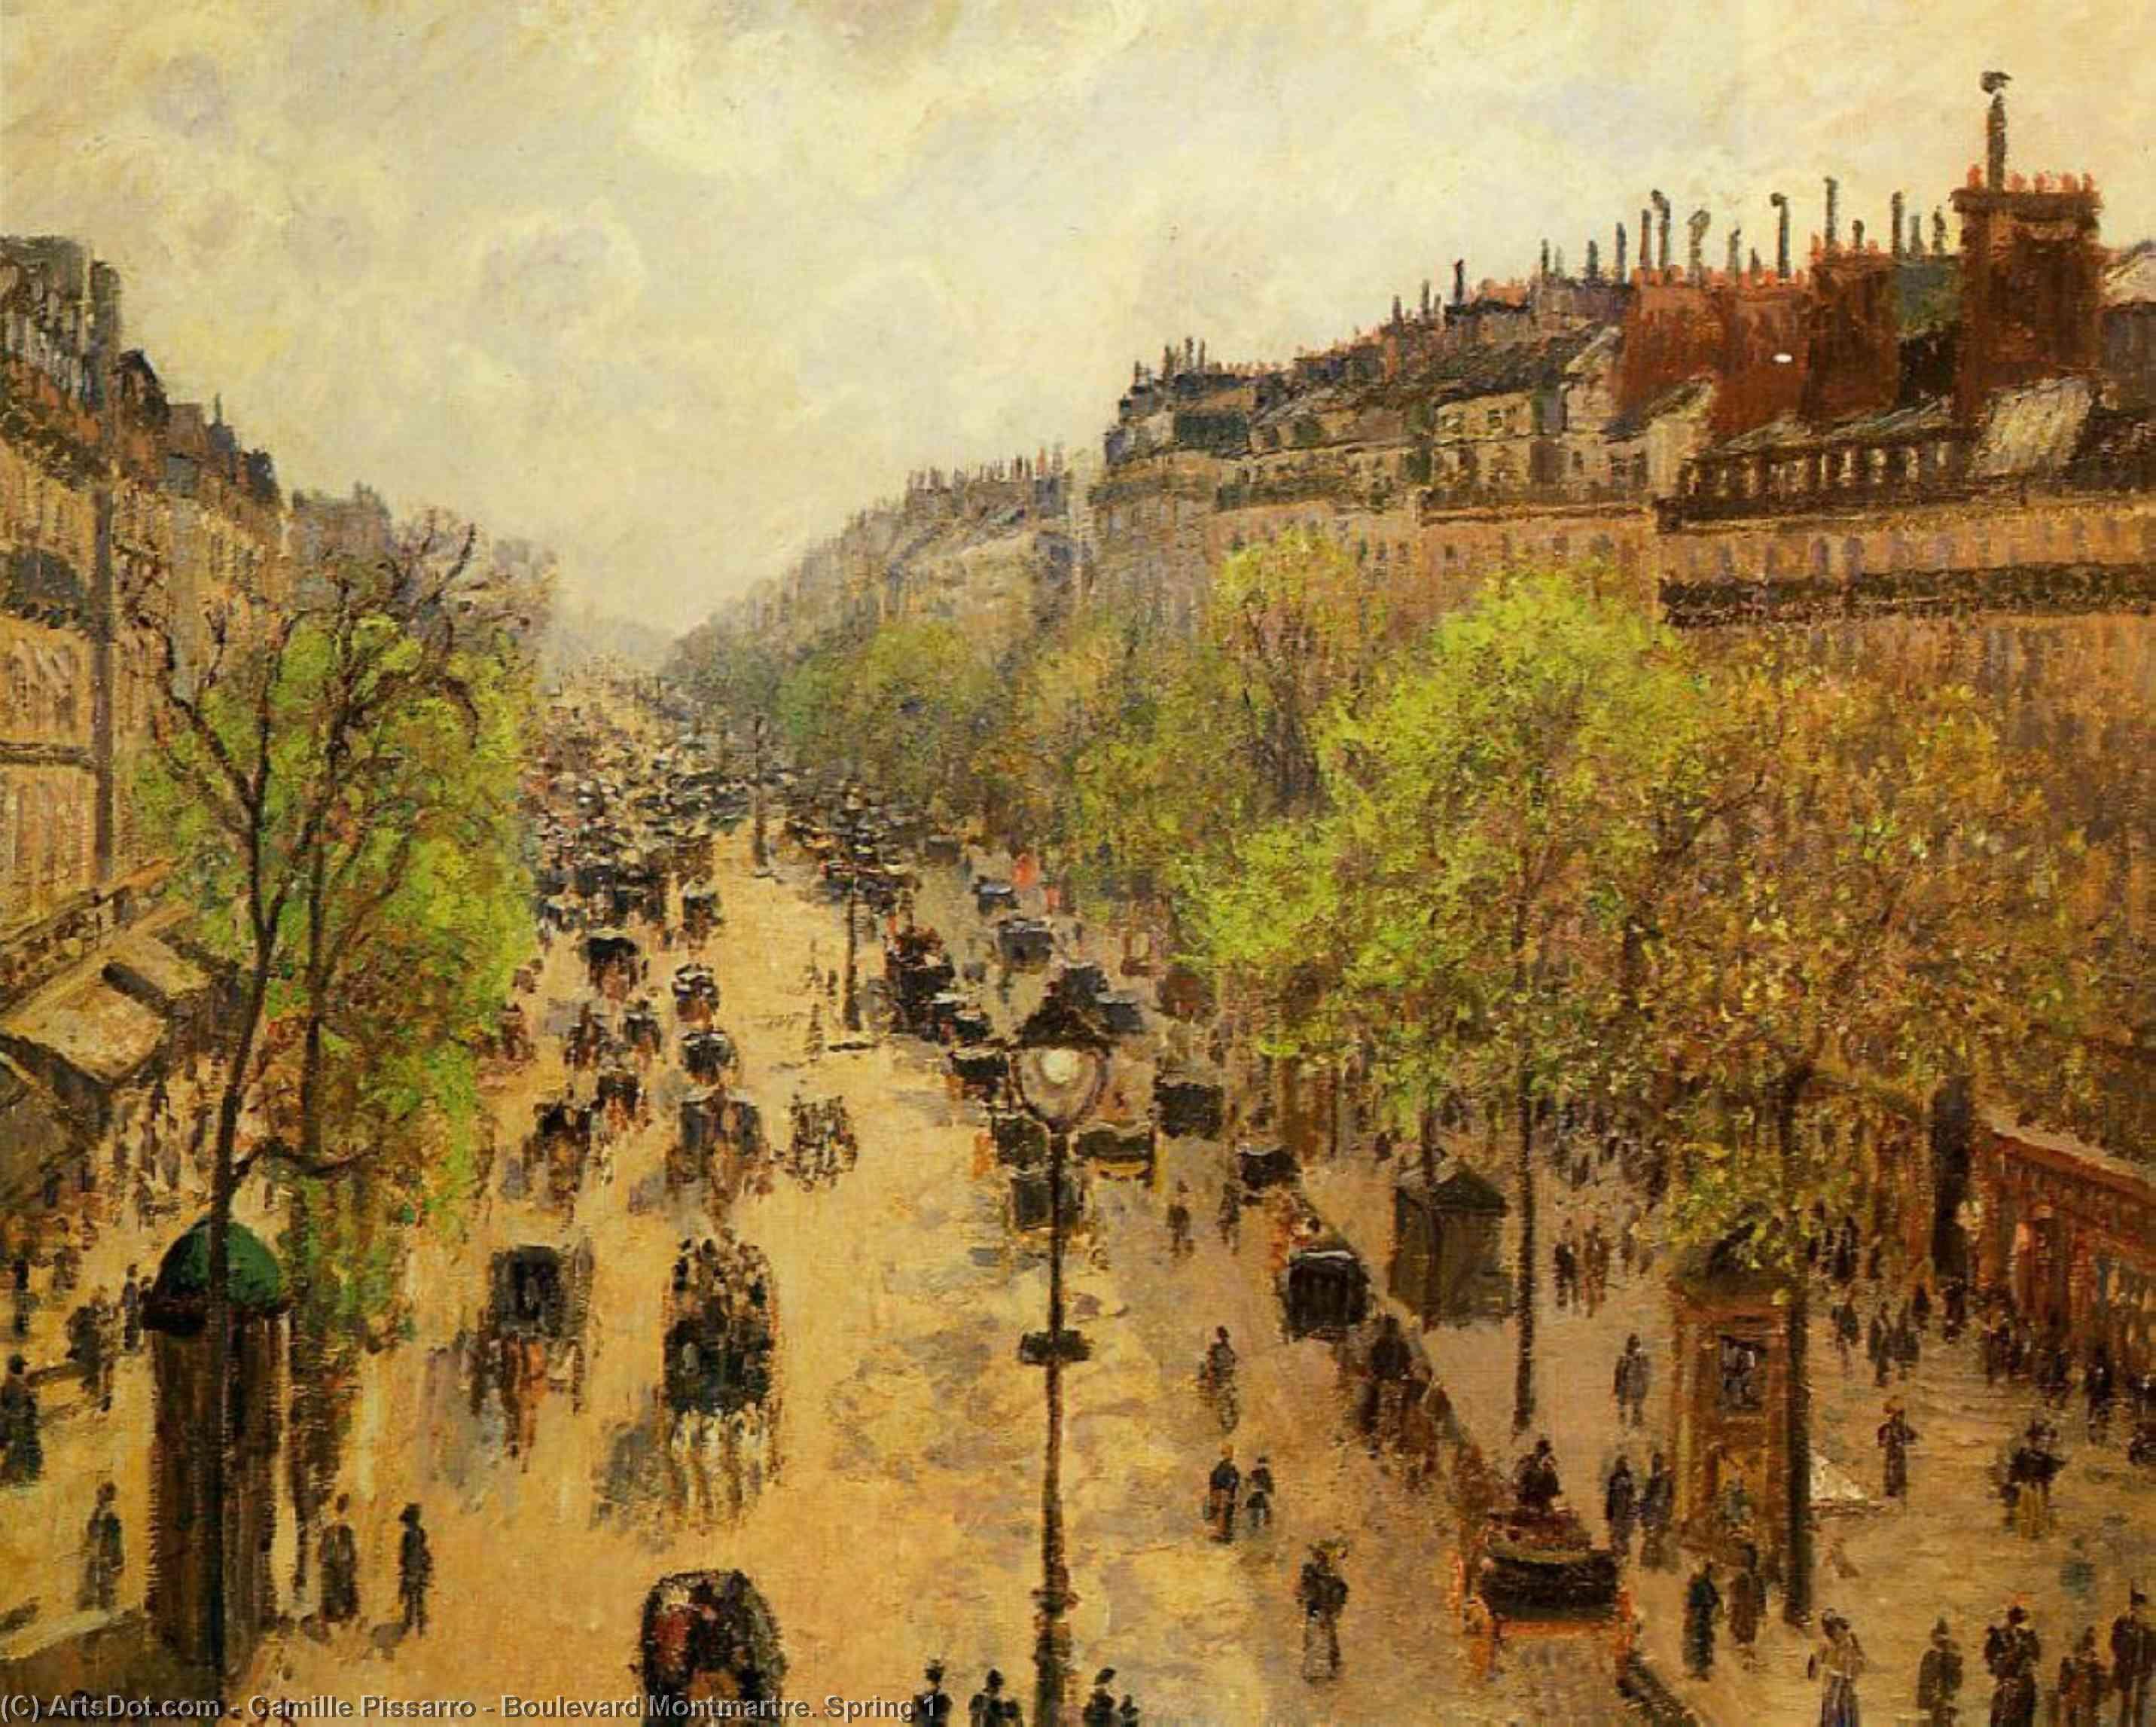 Wikioo.org - Die Enzyklopädie bildender Kunst - Malerei, Kunstwerk von Camille Pissarro - Boulevard Montmartre Frühling 1